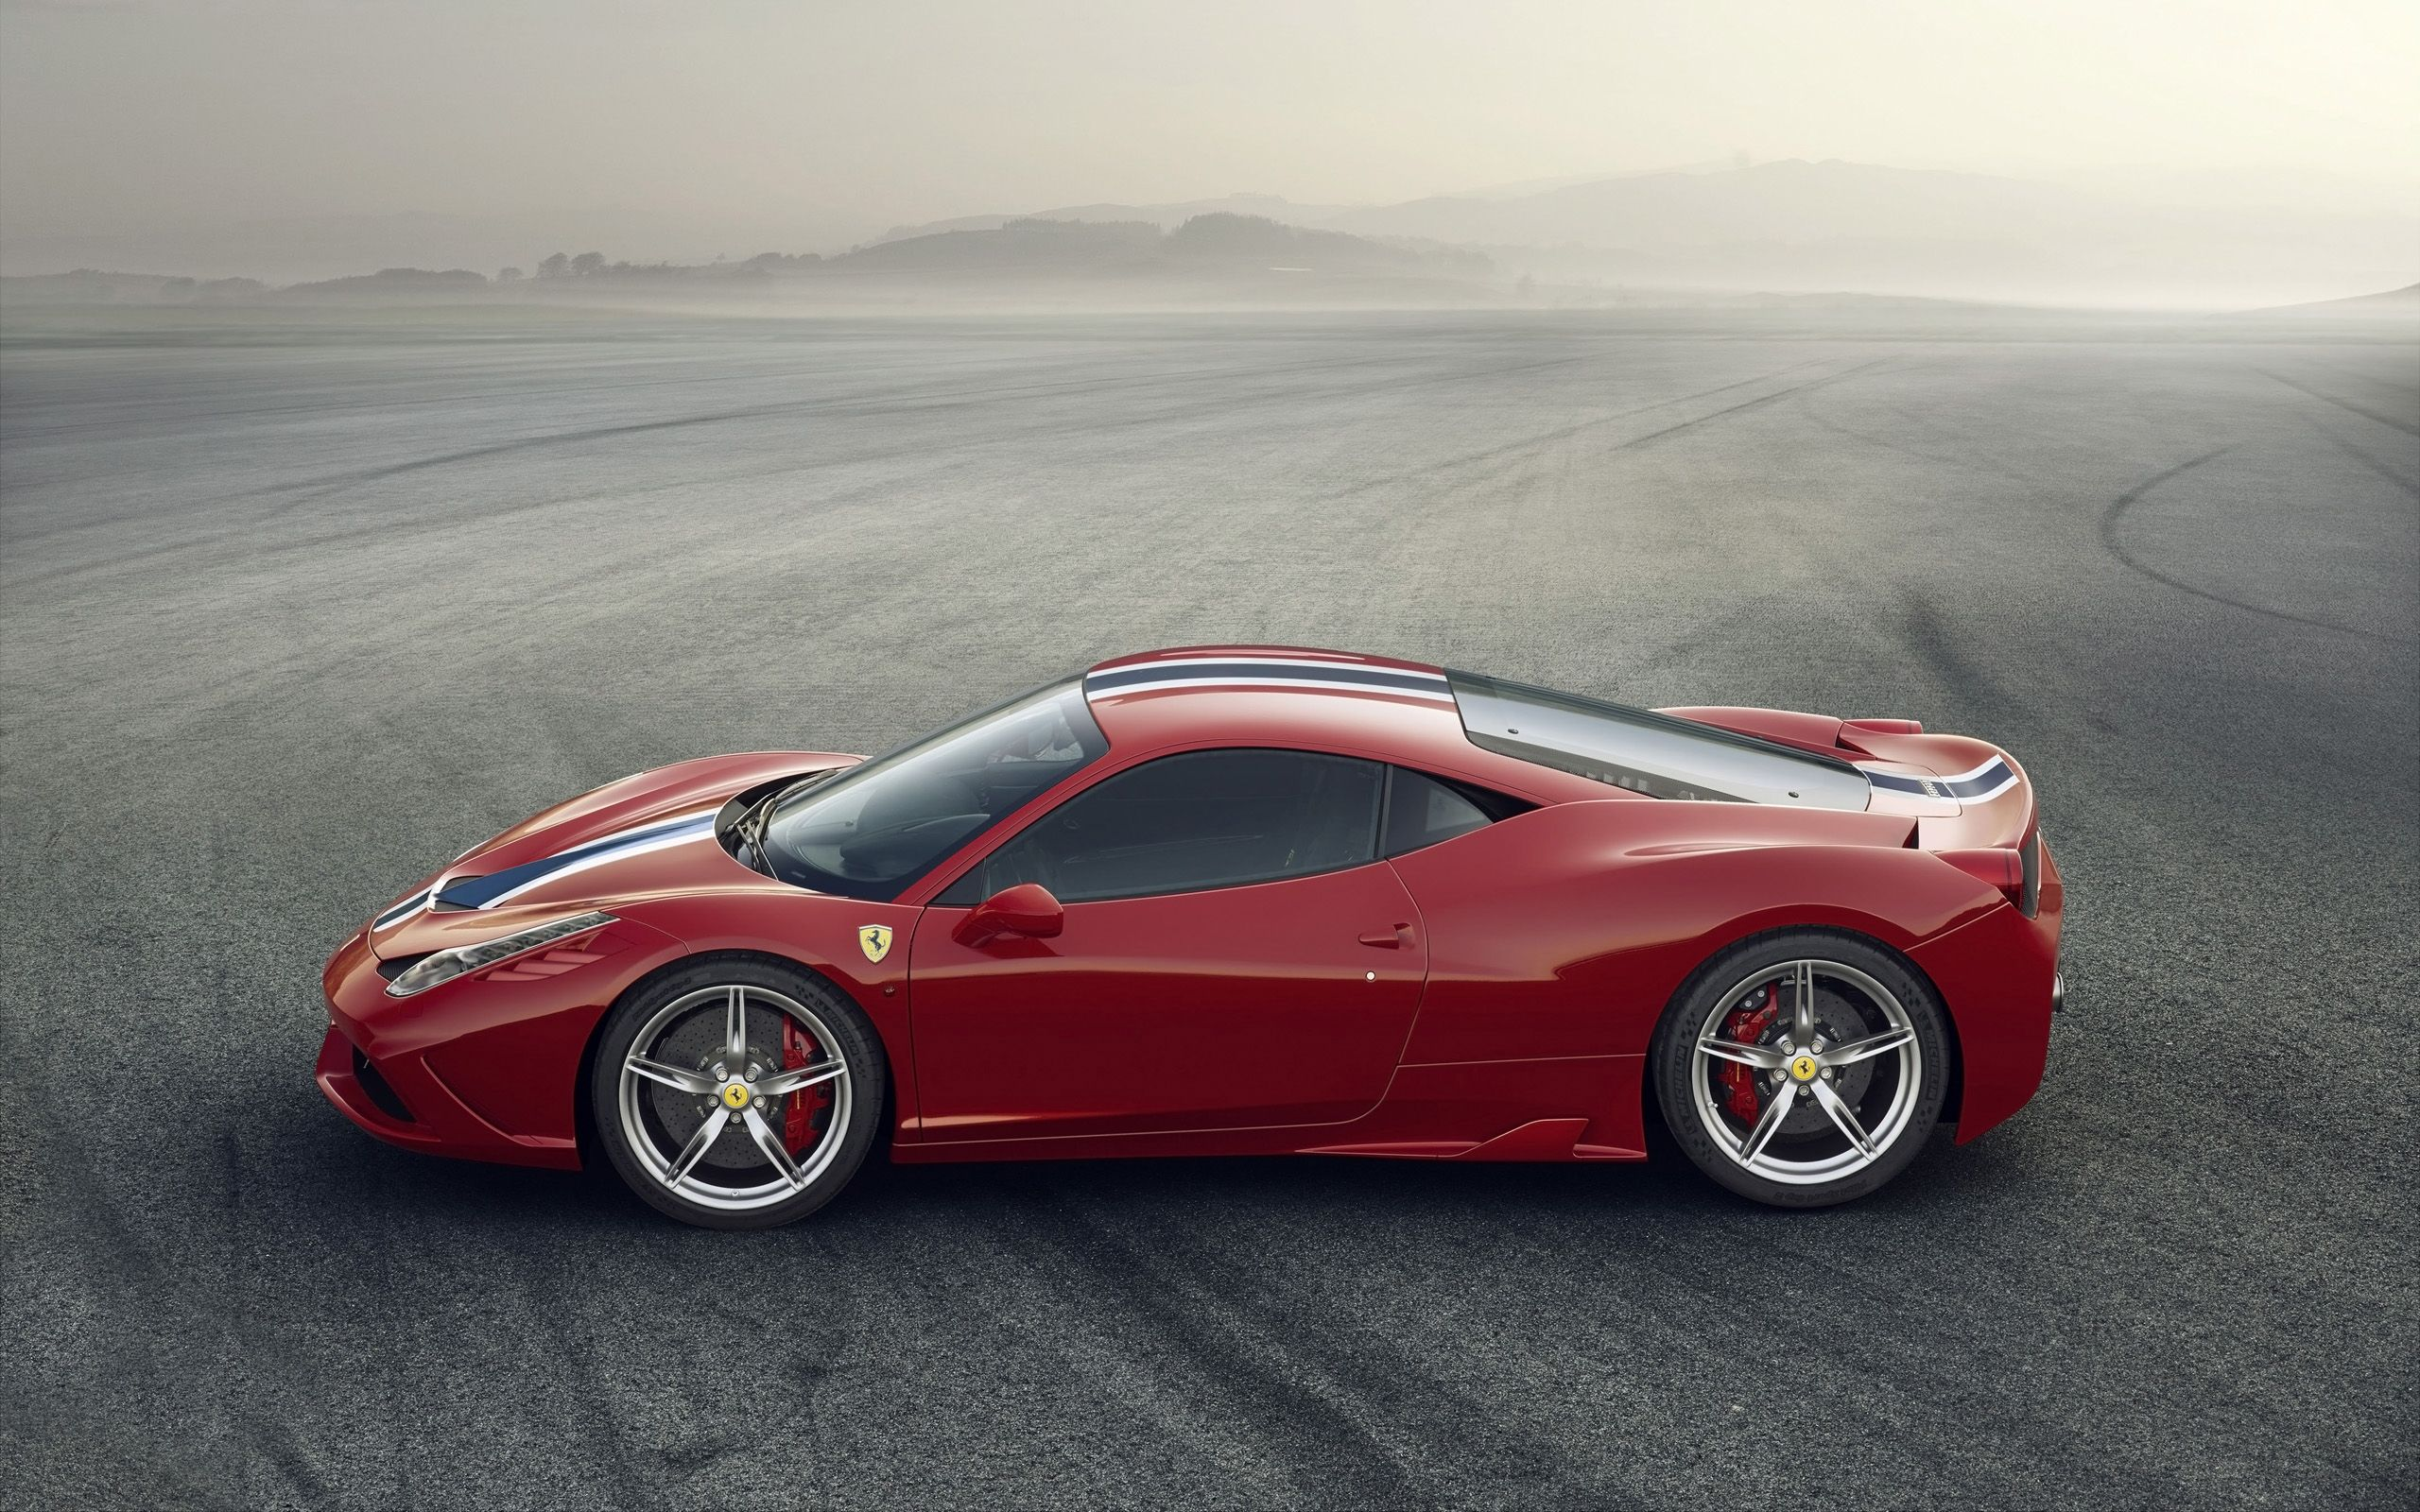 2014 Ferrari 458 Speciale Static 5 2560x1600 (